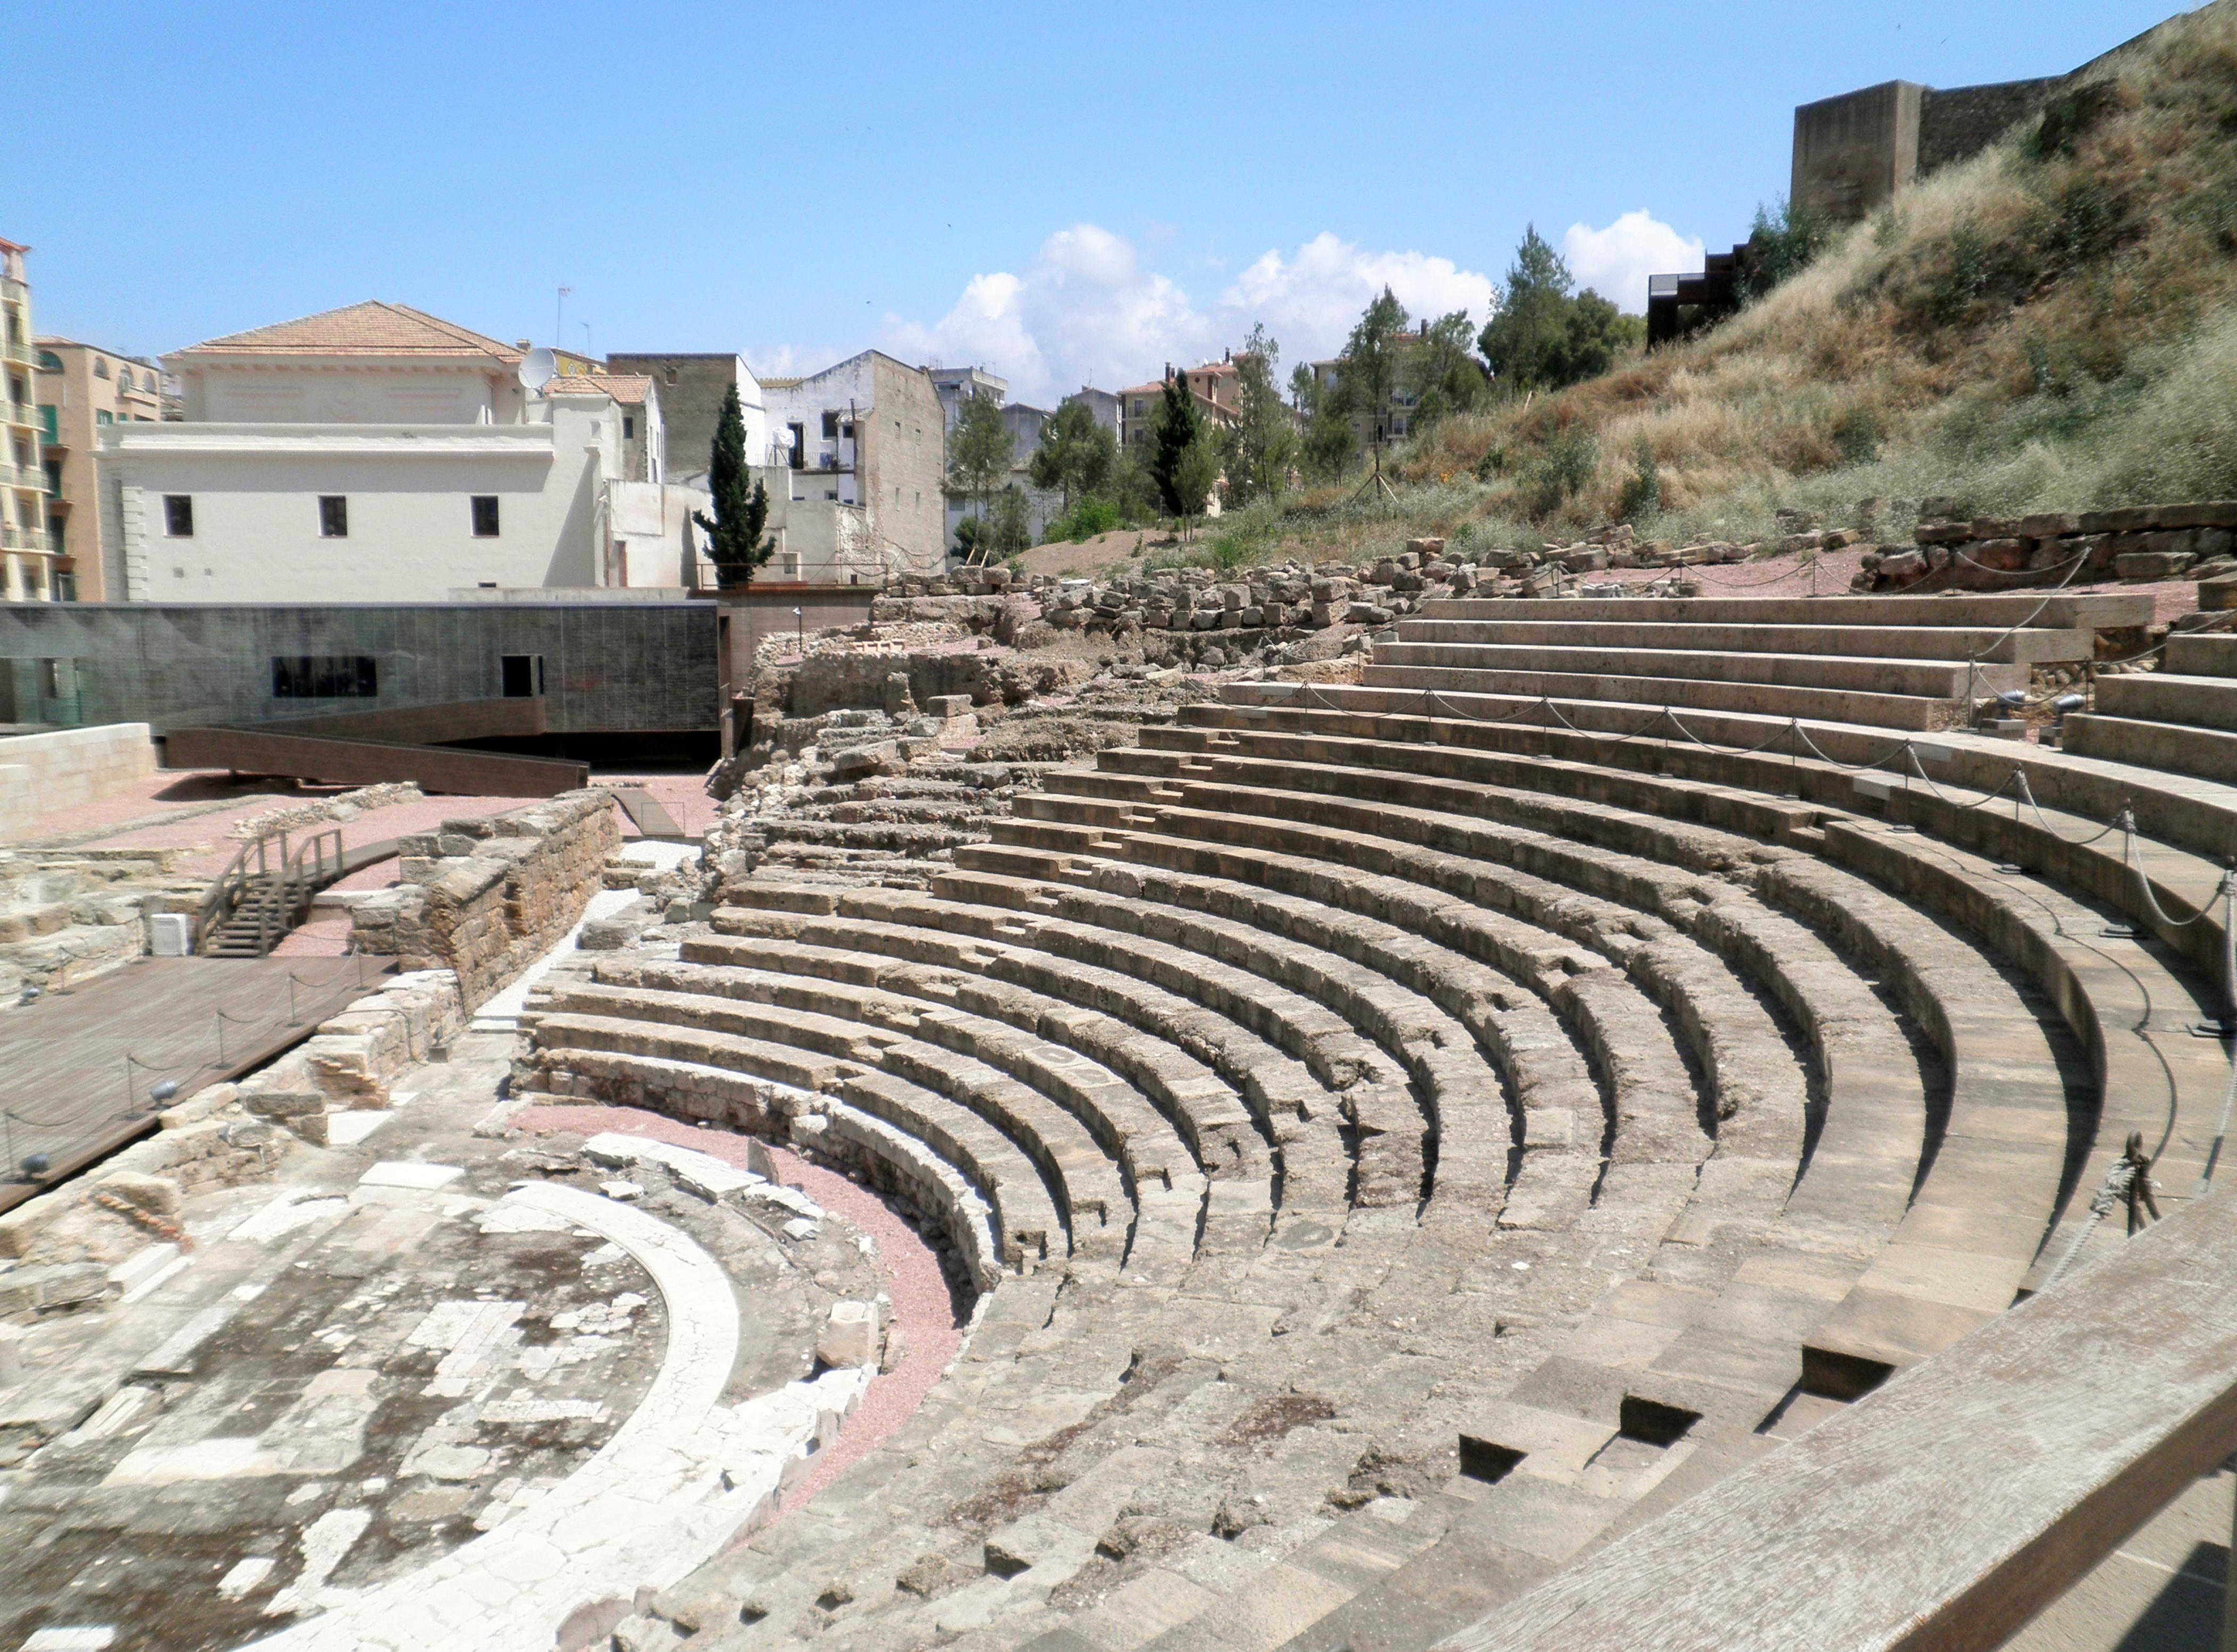 File:Teatro Romano de Malaga.jpg